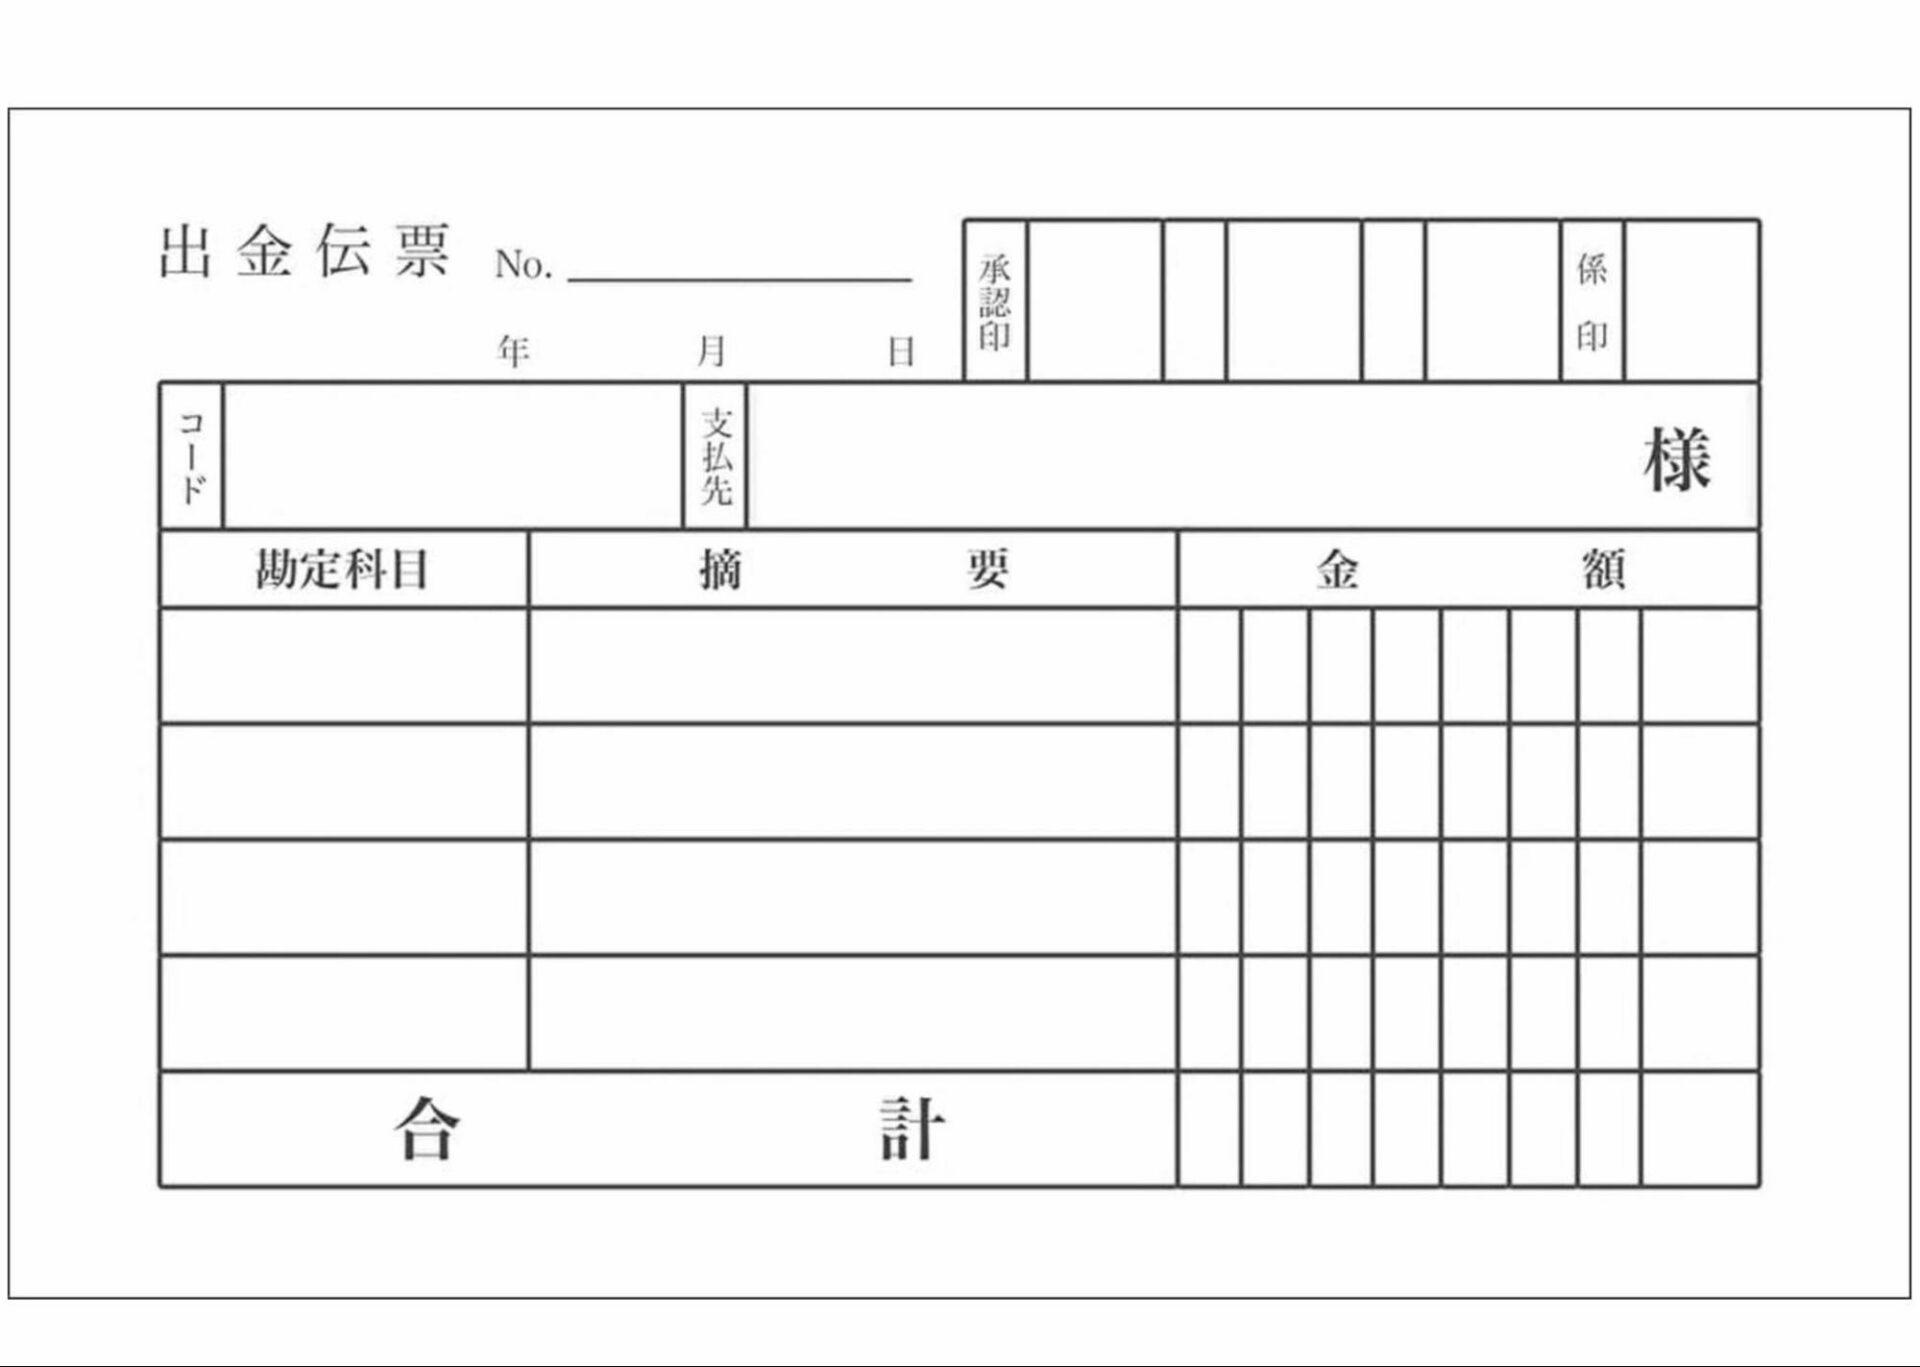 伝票の共通項目